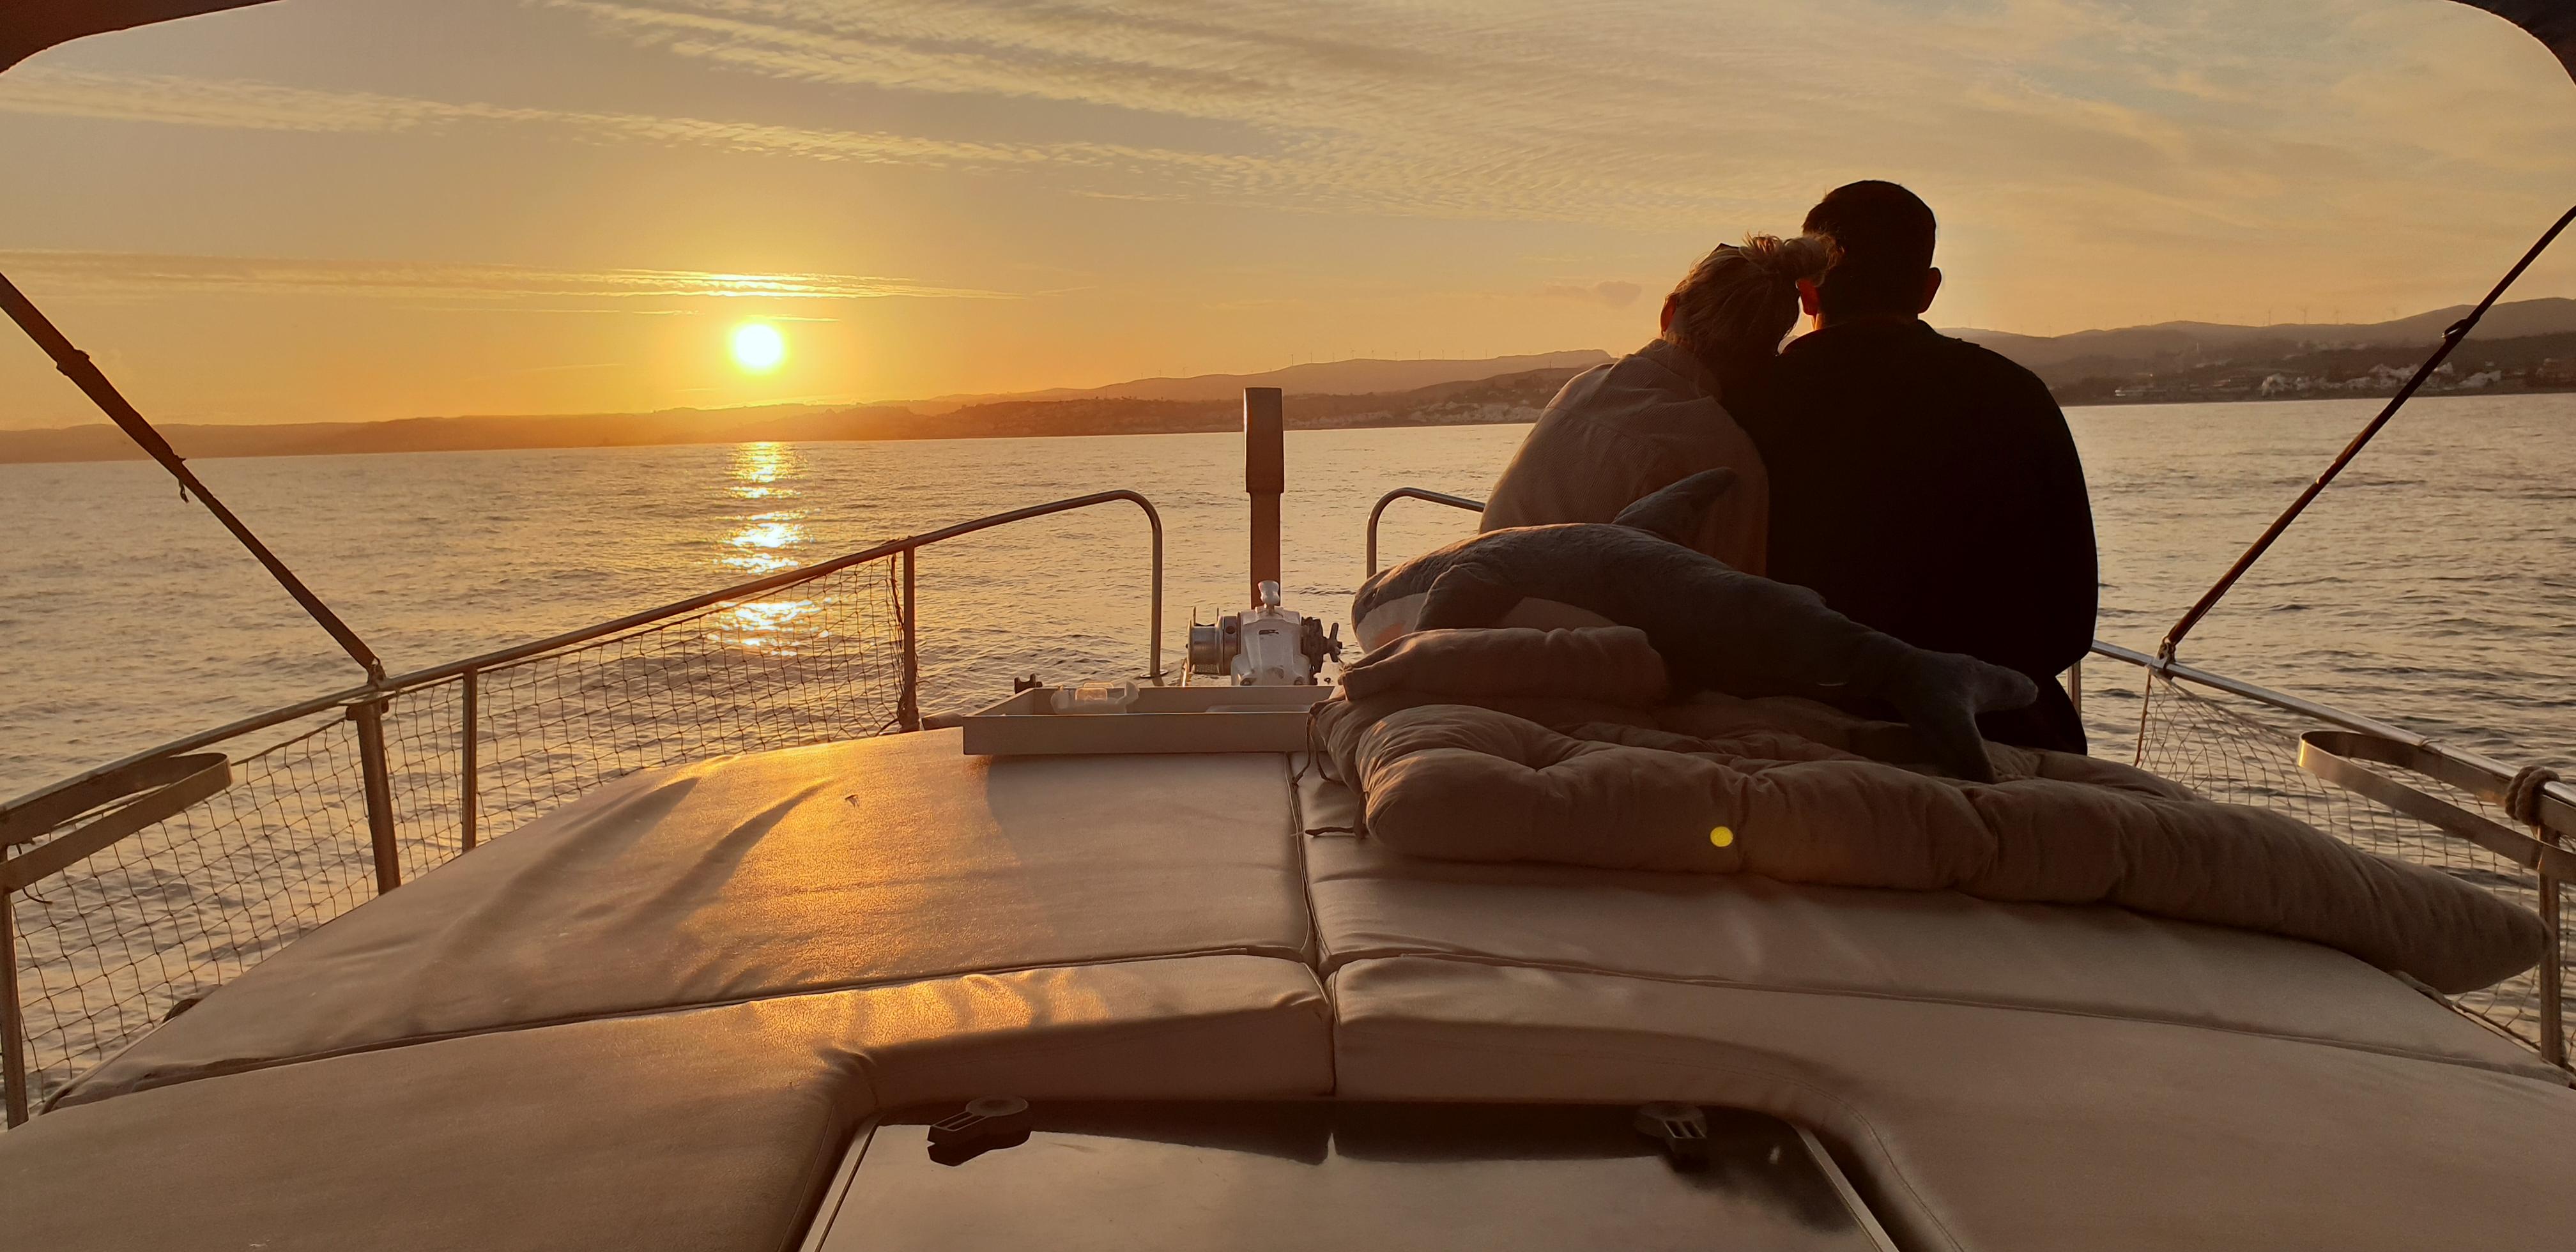 plan-romantico-estepona-turismo-marinero (5)